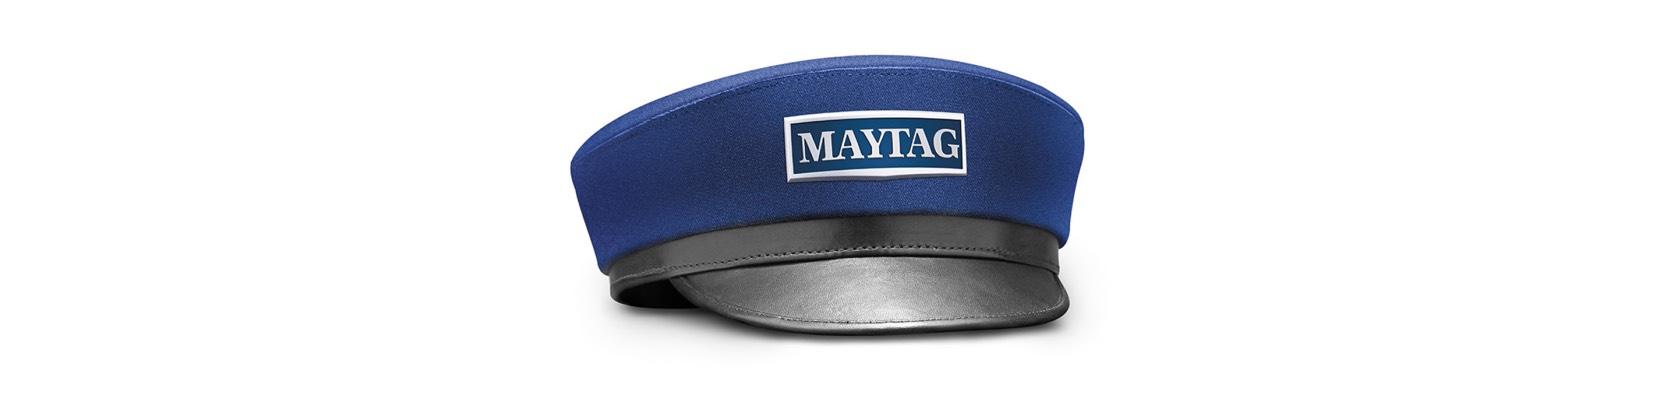 Maytag Repairman Hat